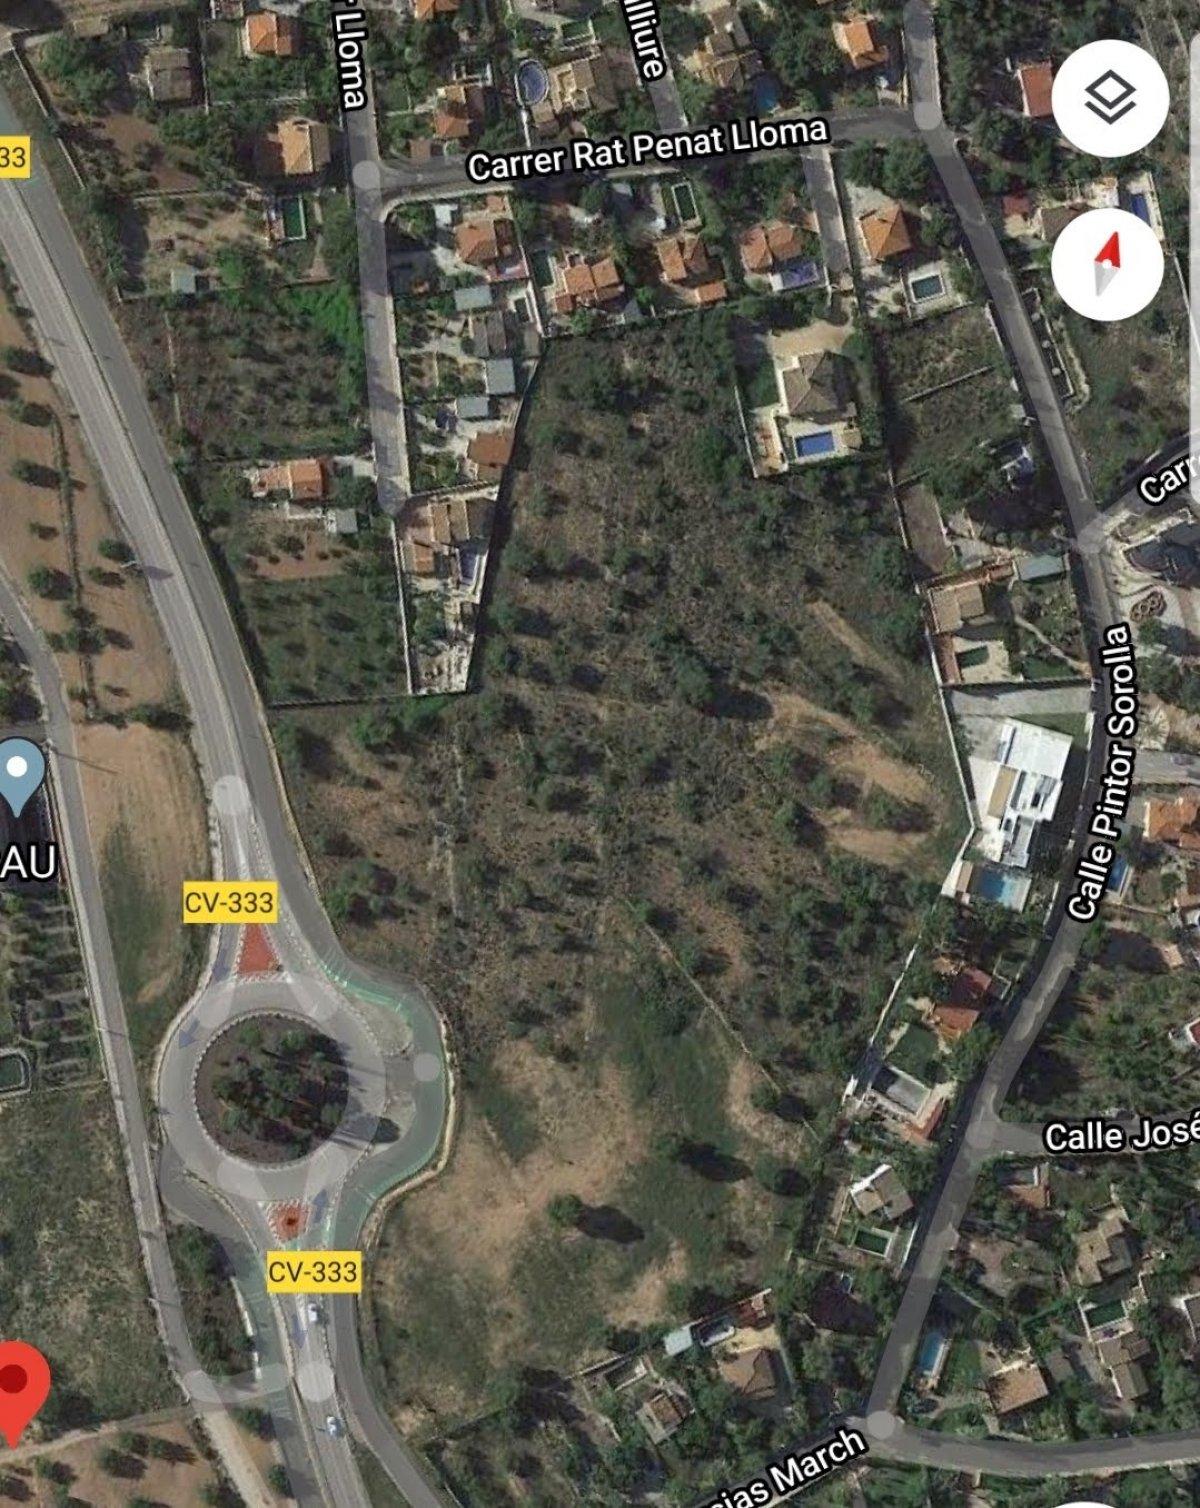 Terrain urbain  Sector poligono 12, 553. Oportunidad de comprar terreno en proyección urbanística